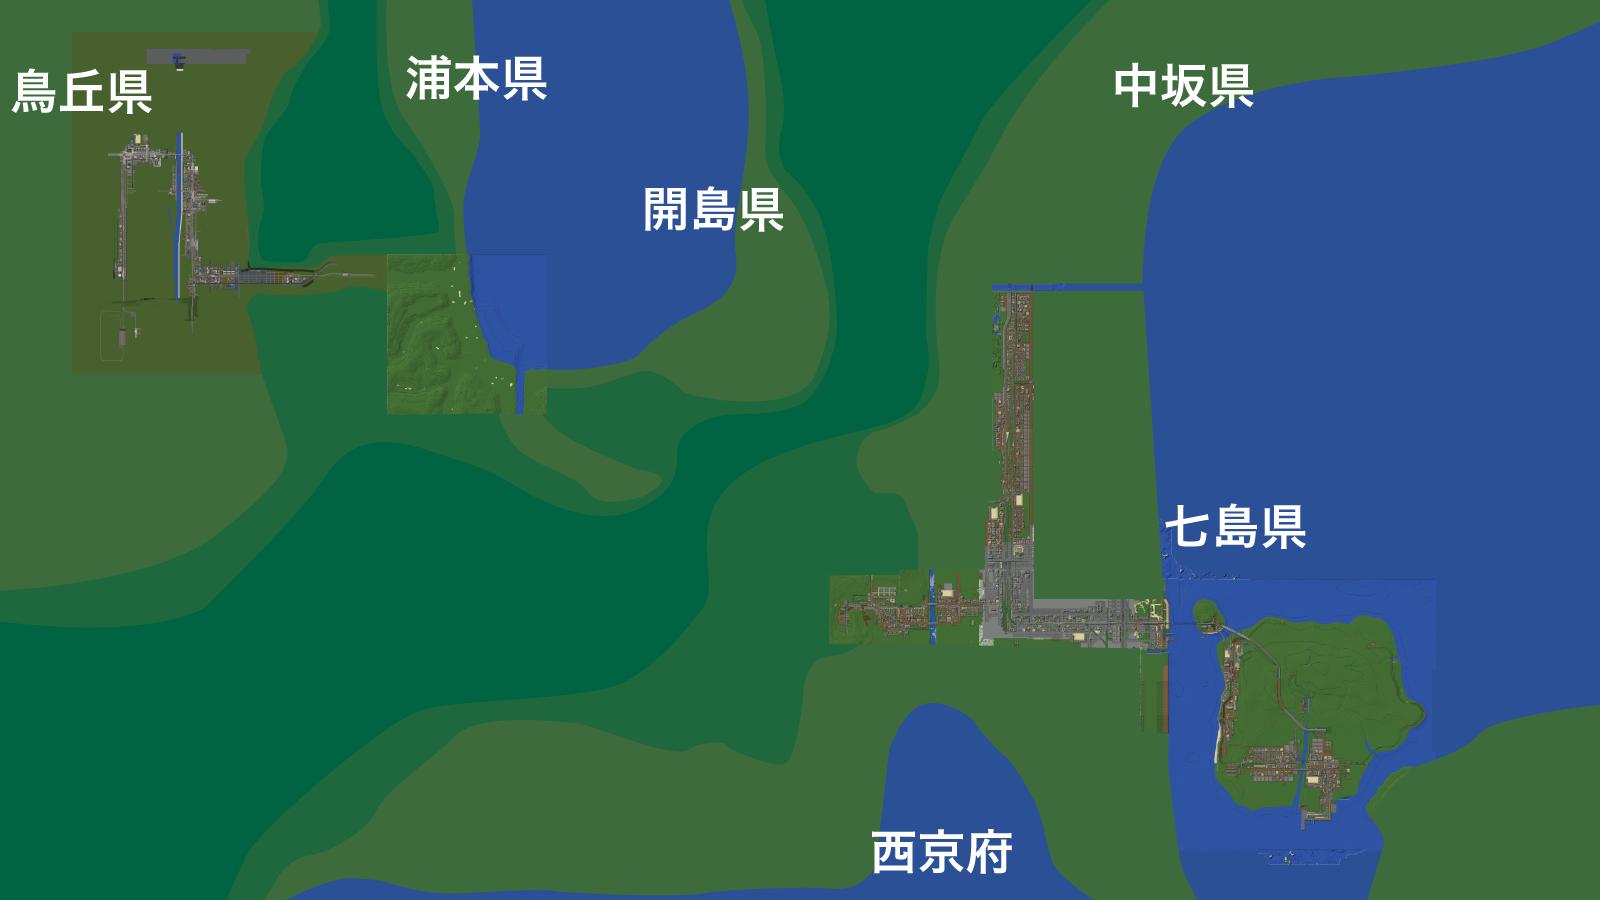 関南地区地図part8.png